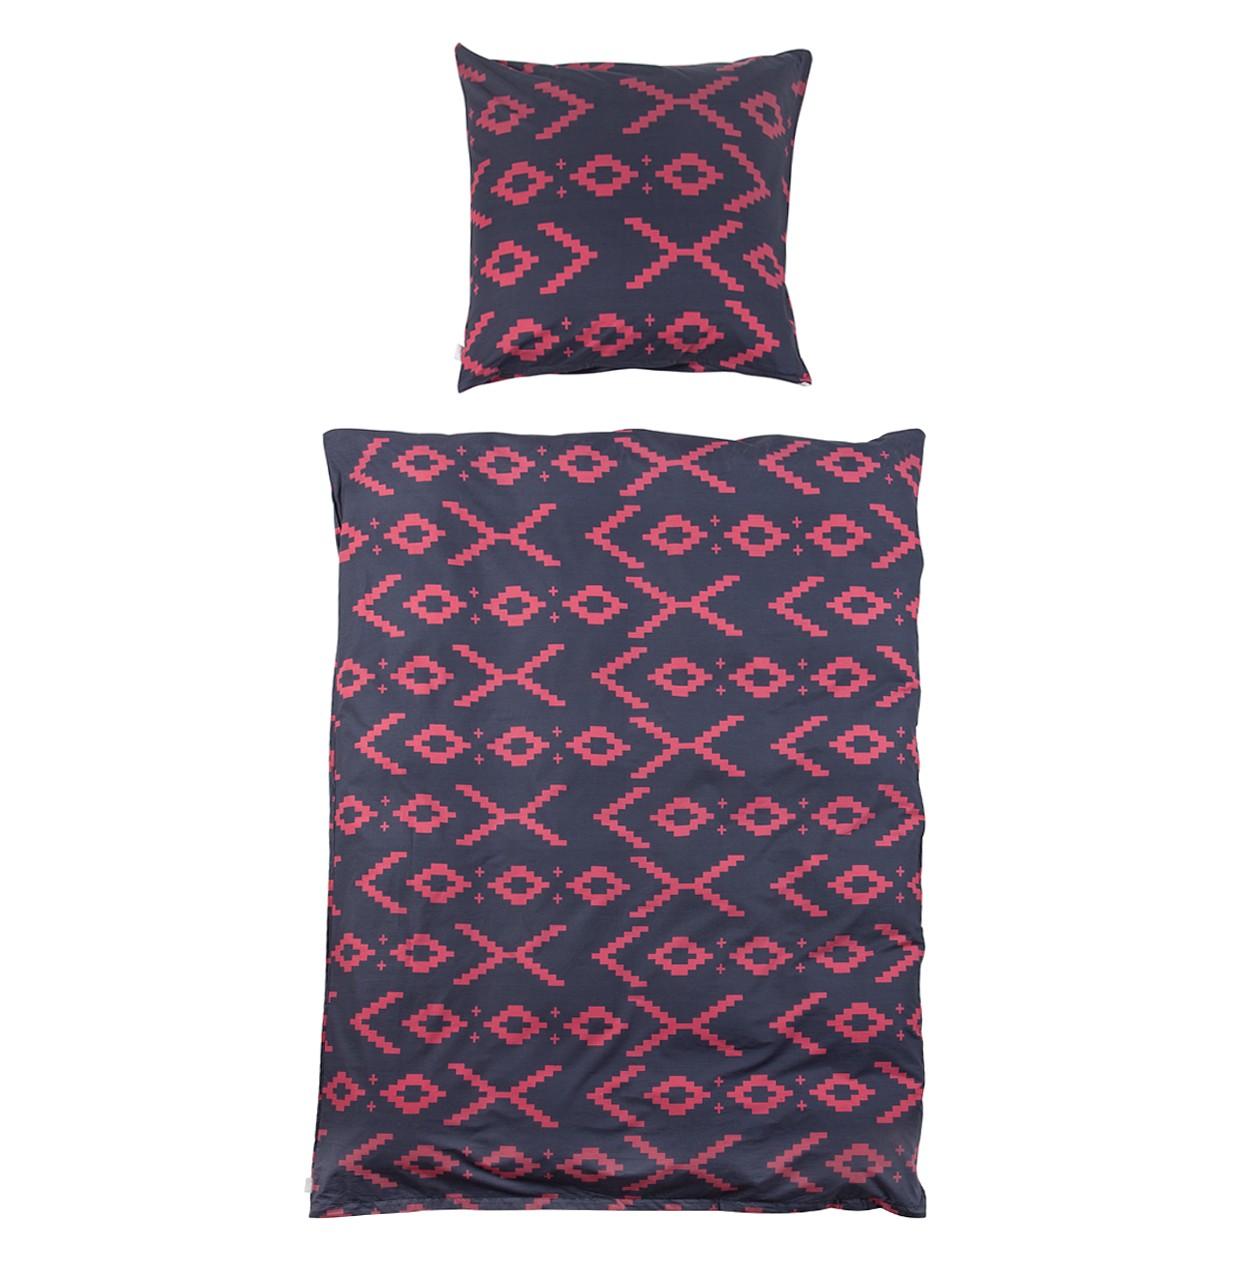 Beddengoed Balsas - zwart/roze - 155x220cm + kussen 80x80cm, Eva Padberg Collection